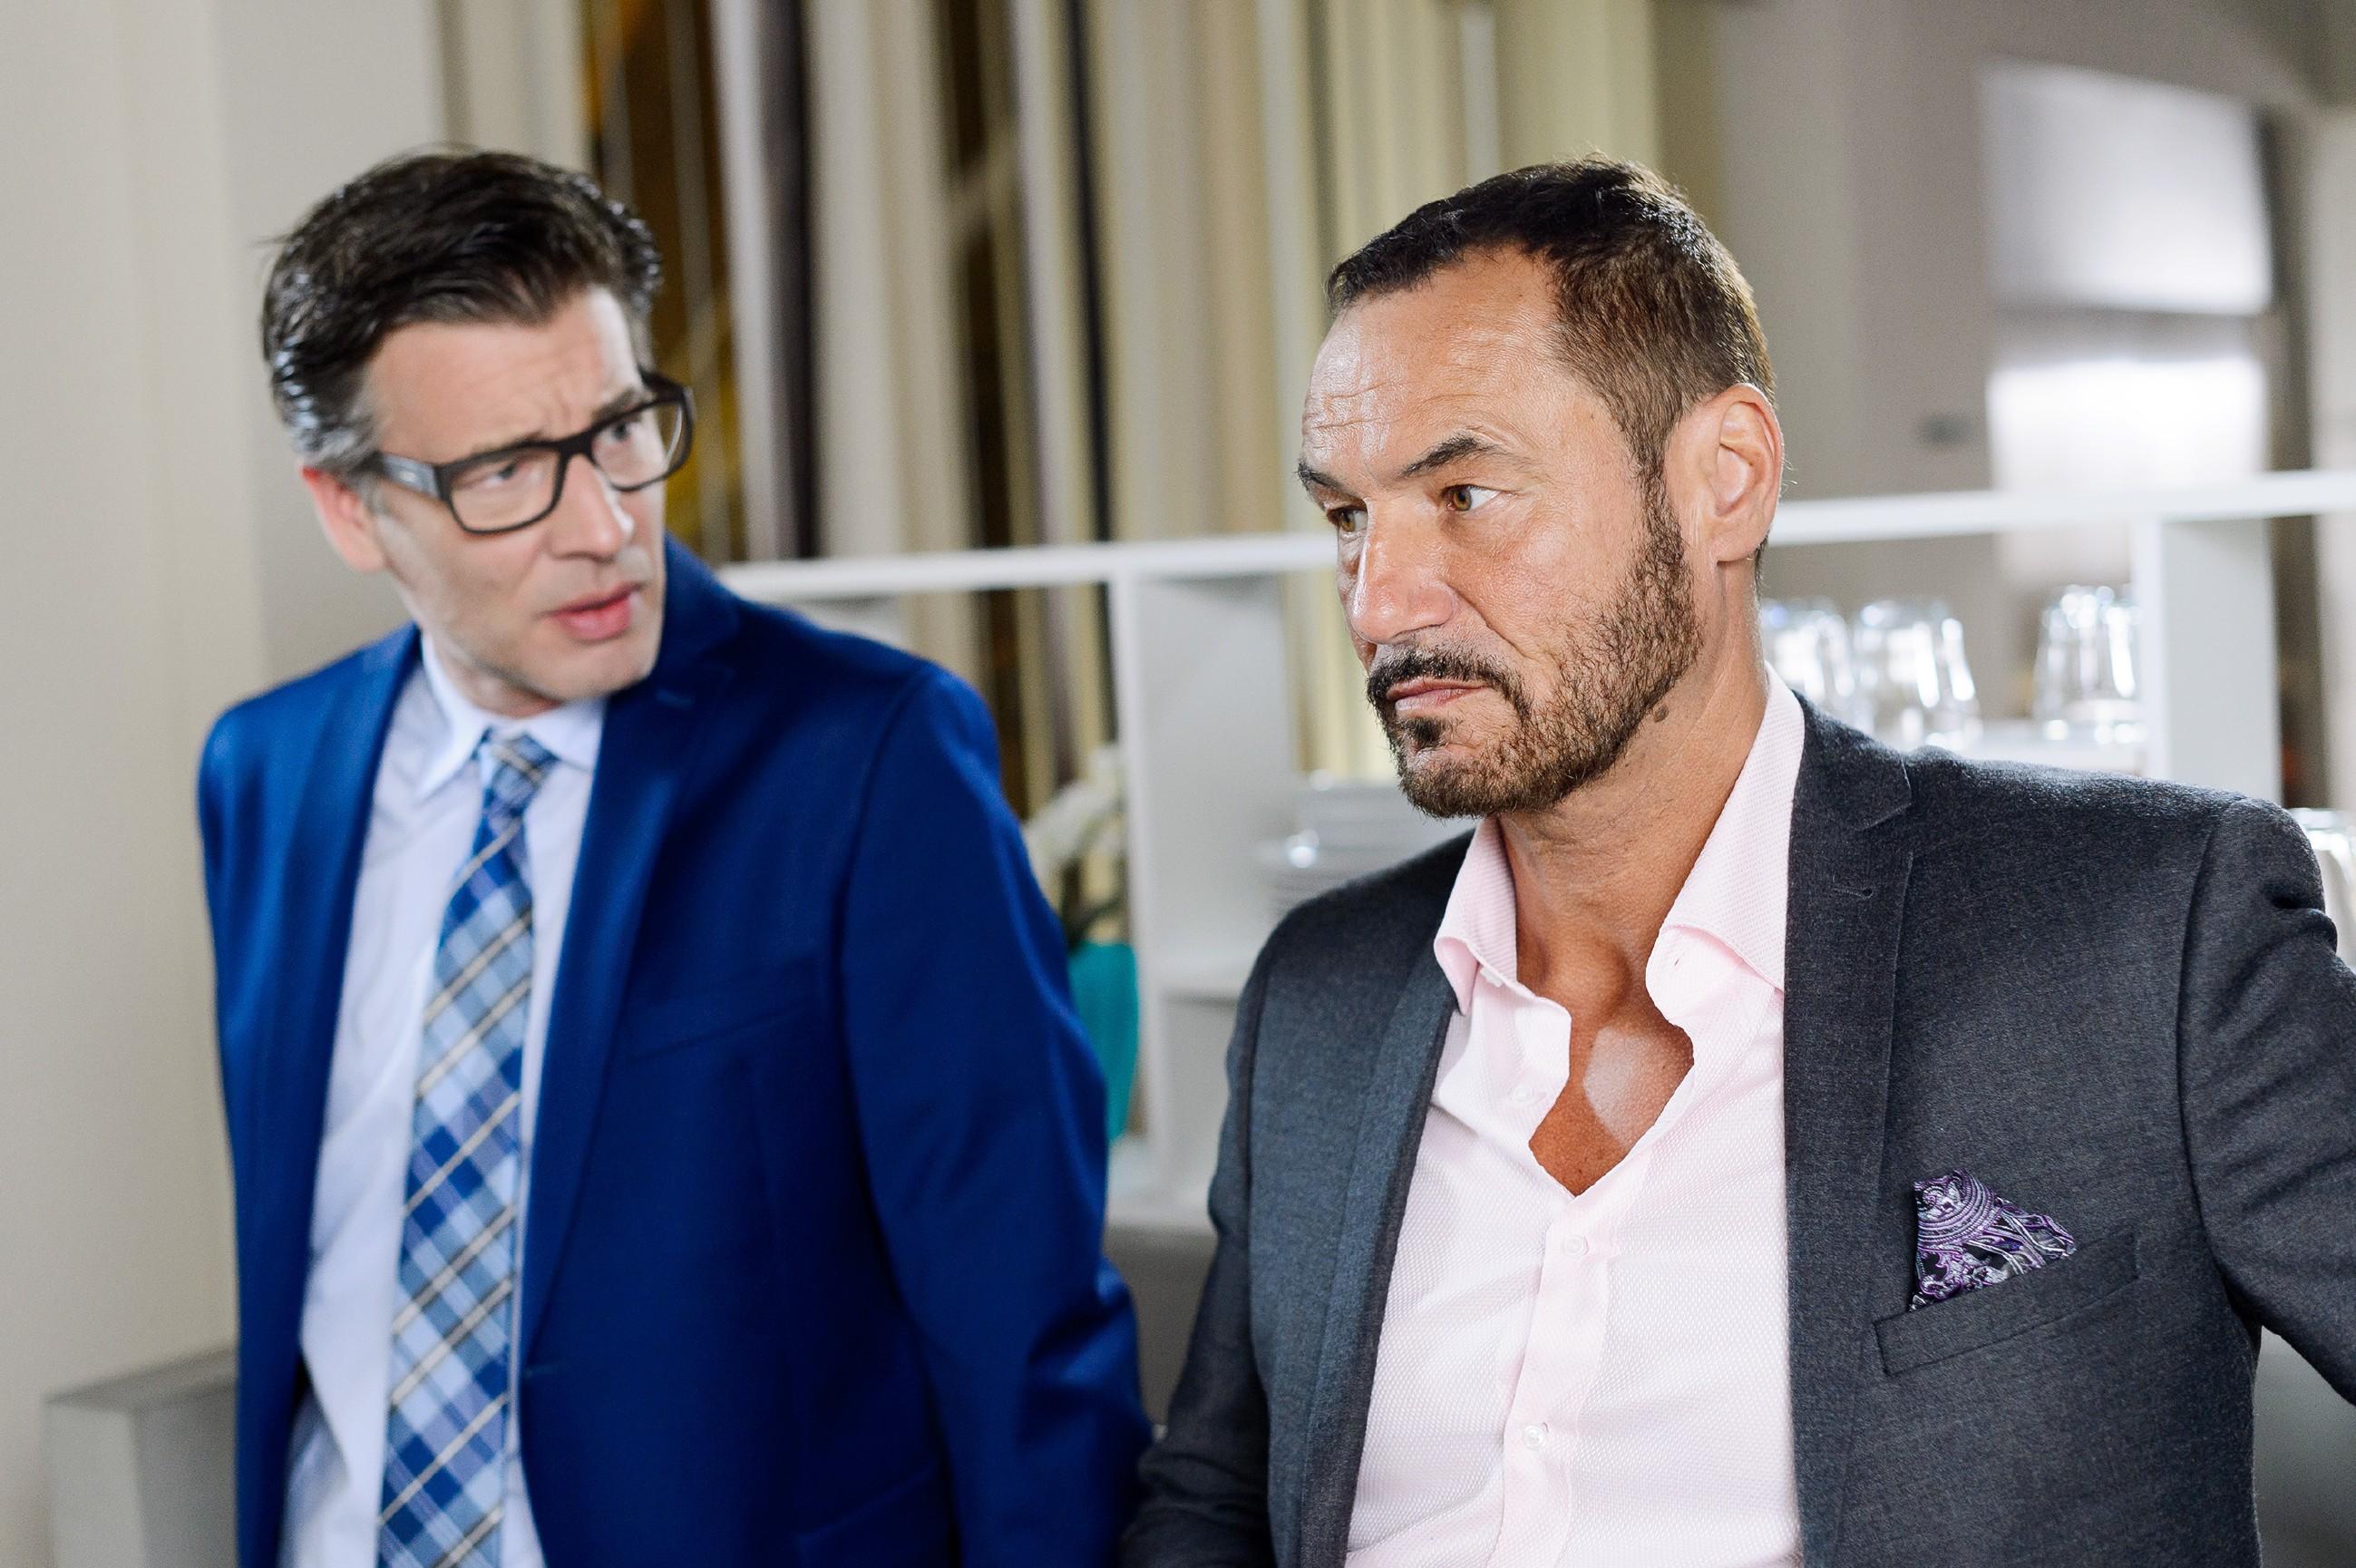 Richard (Silvan-Pierre Leirich, r.) schöpft im Gespräch mit Christoph (Lars Korten) Hoffnung, dass sein Verhältnis zu Ben nicht endgültig zerbrochen ist. (Quelle: RTL / Willi Weber)